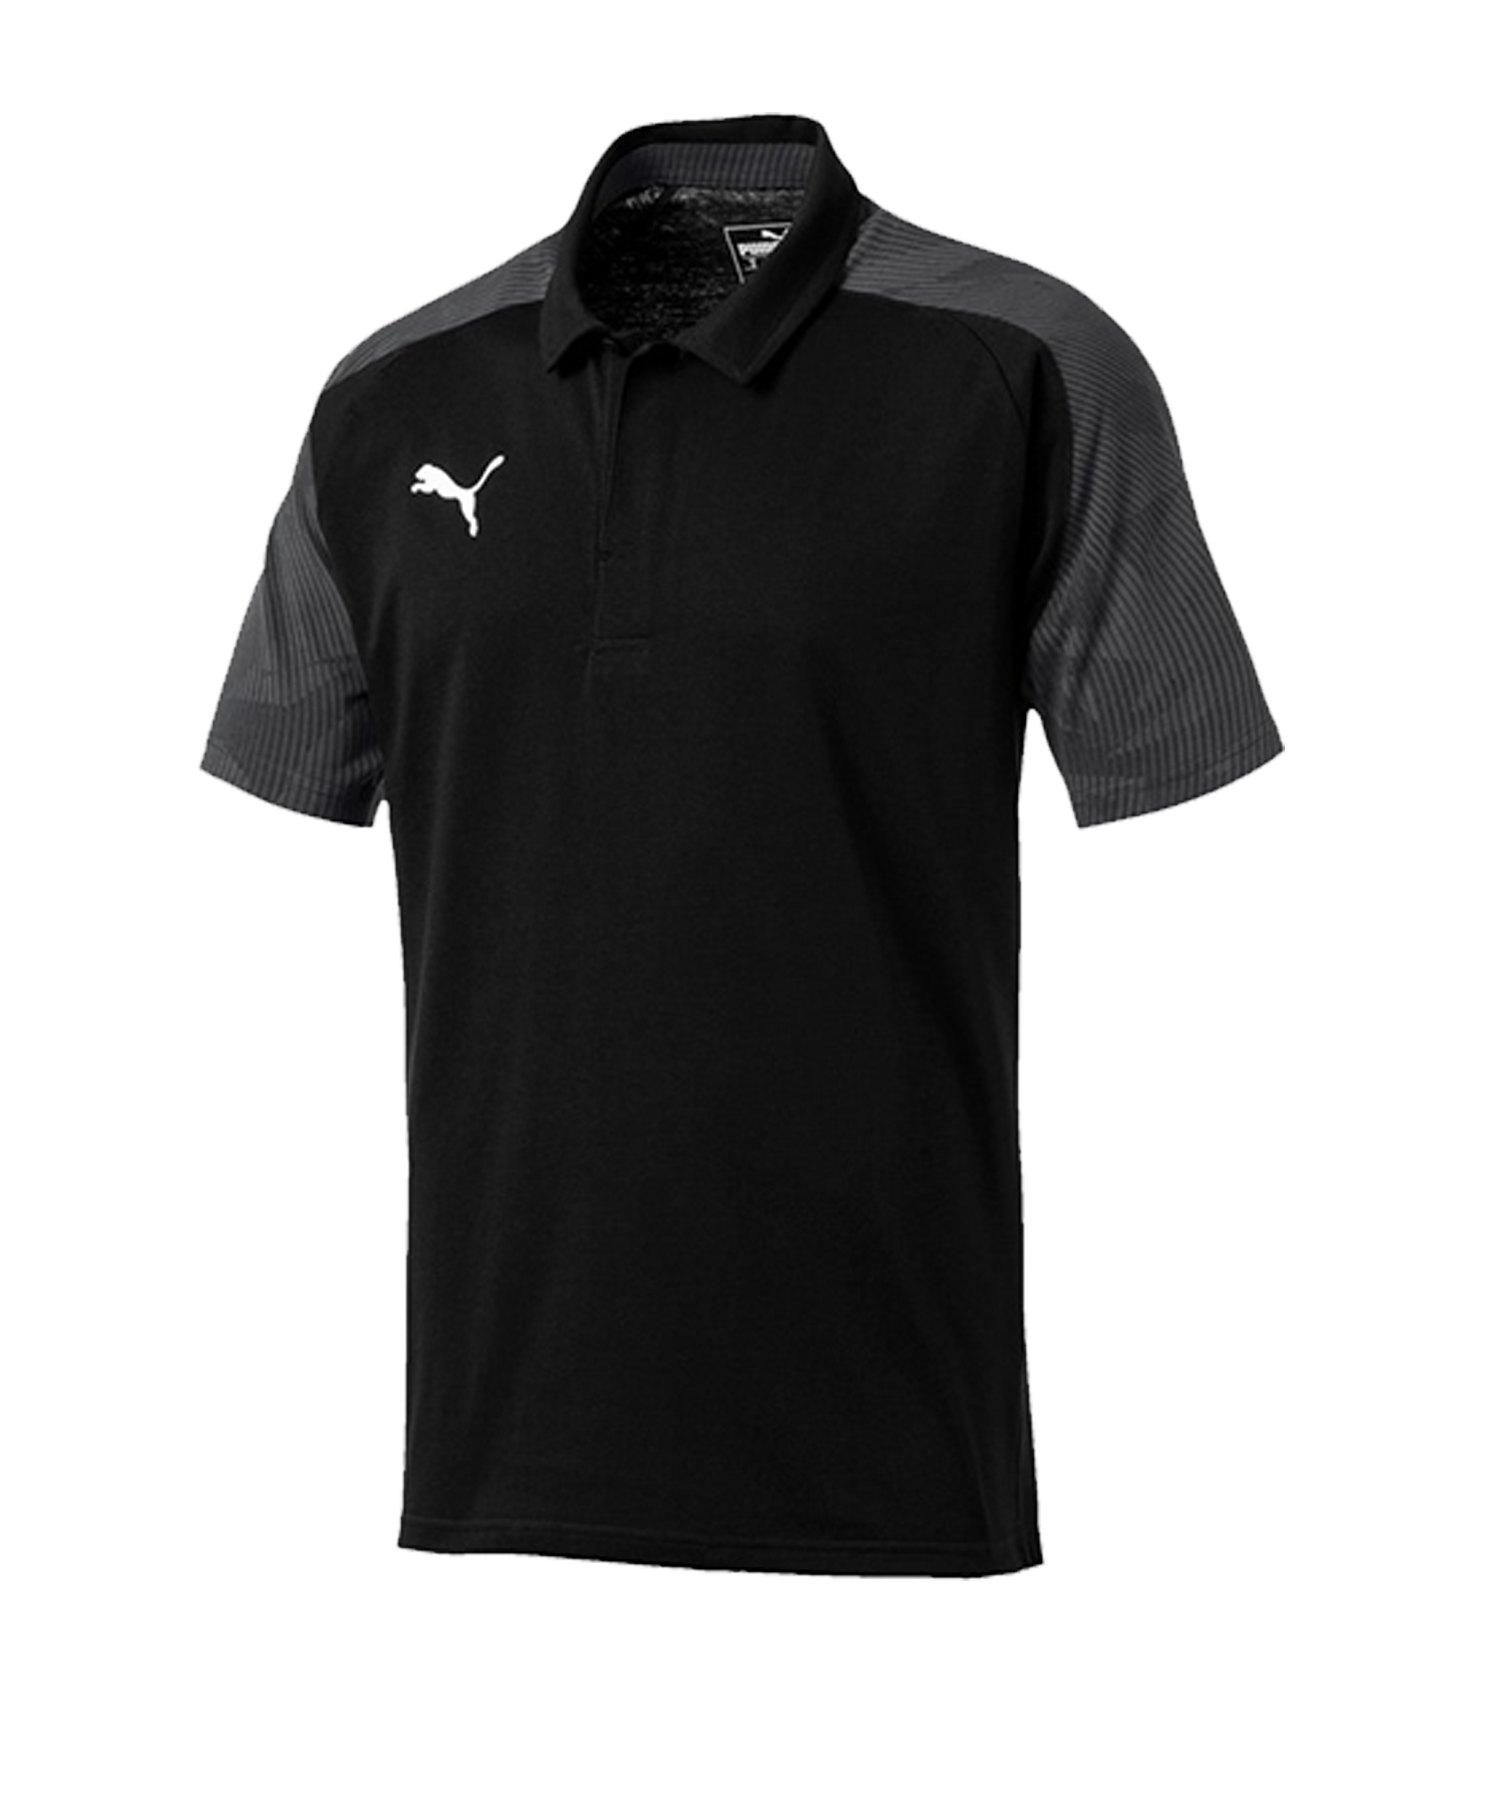 PUMA CUP Sideline Poloshirt Schwarz F03 - schwarz